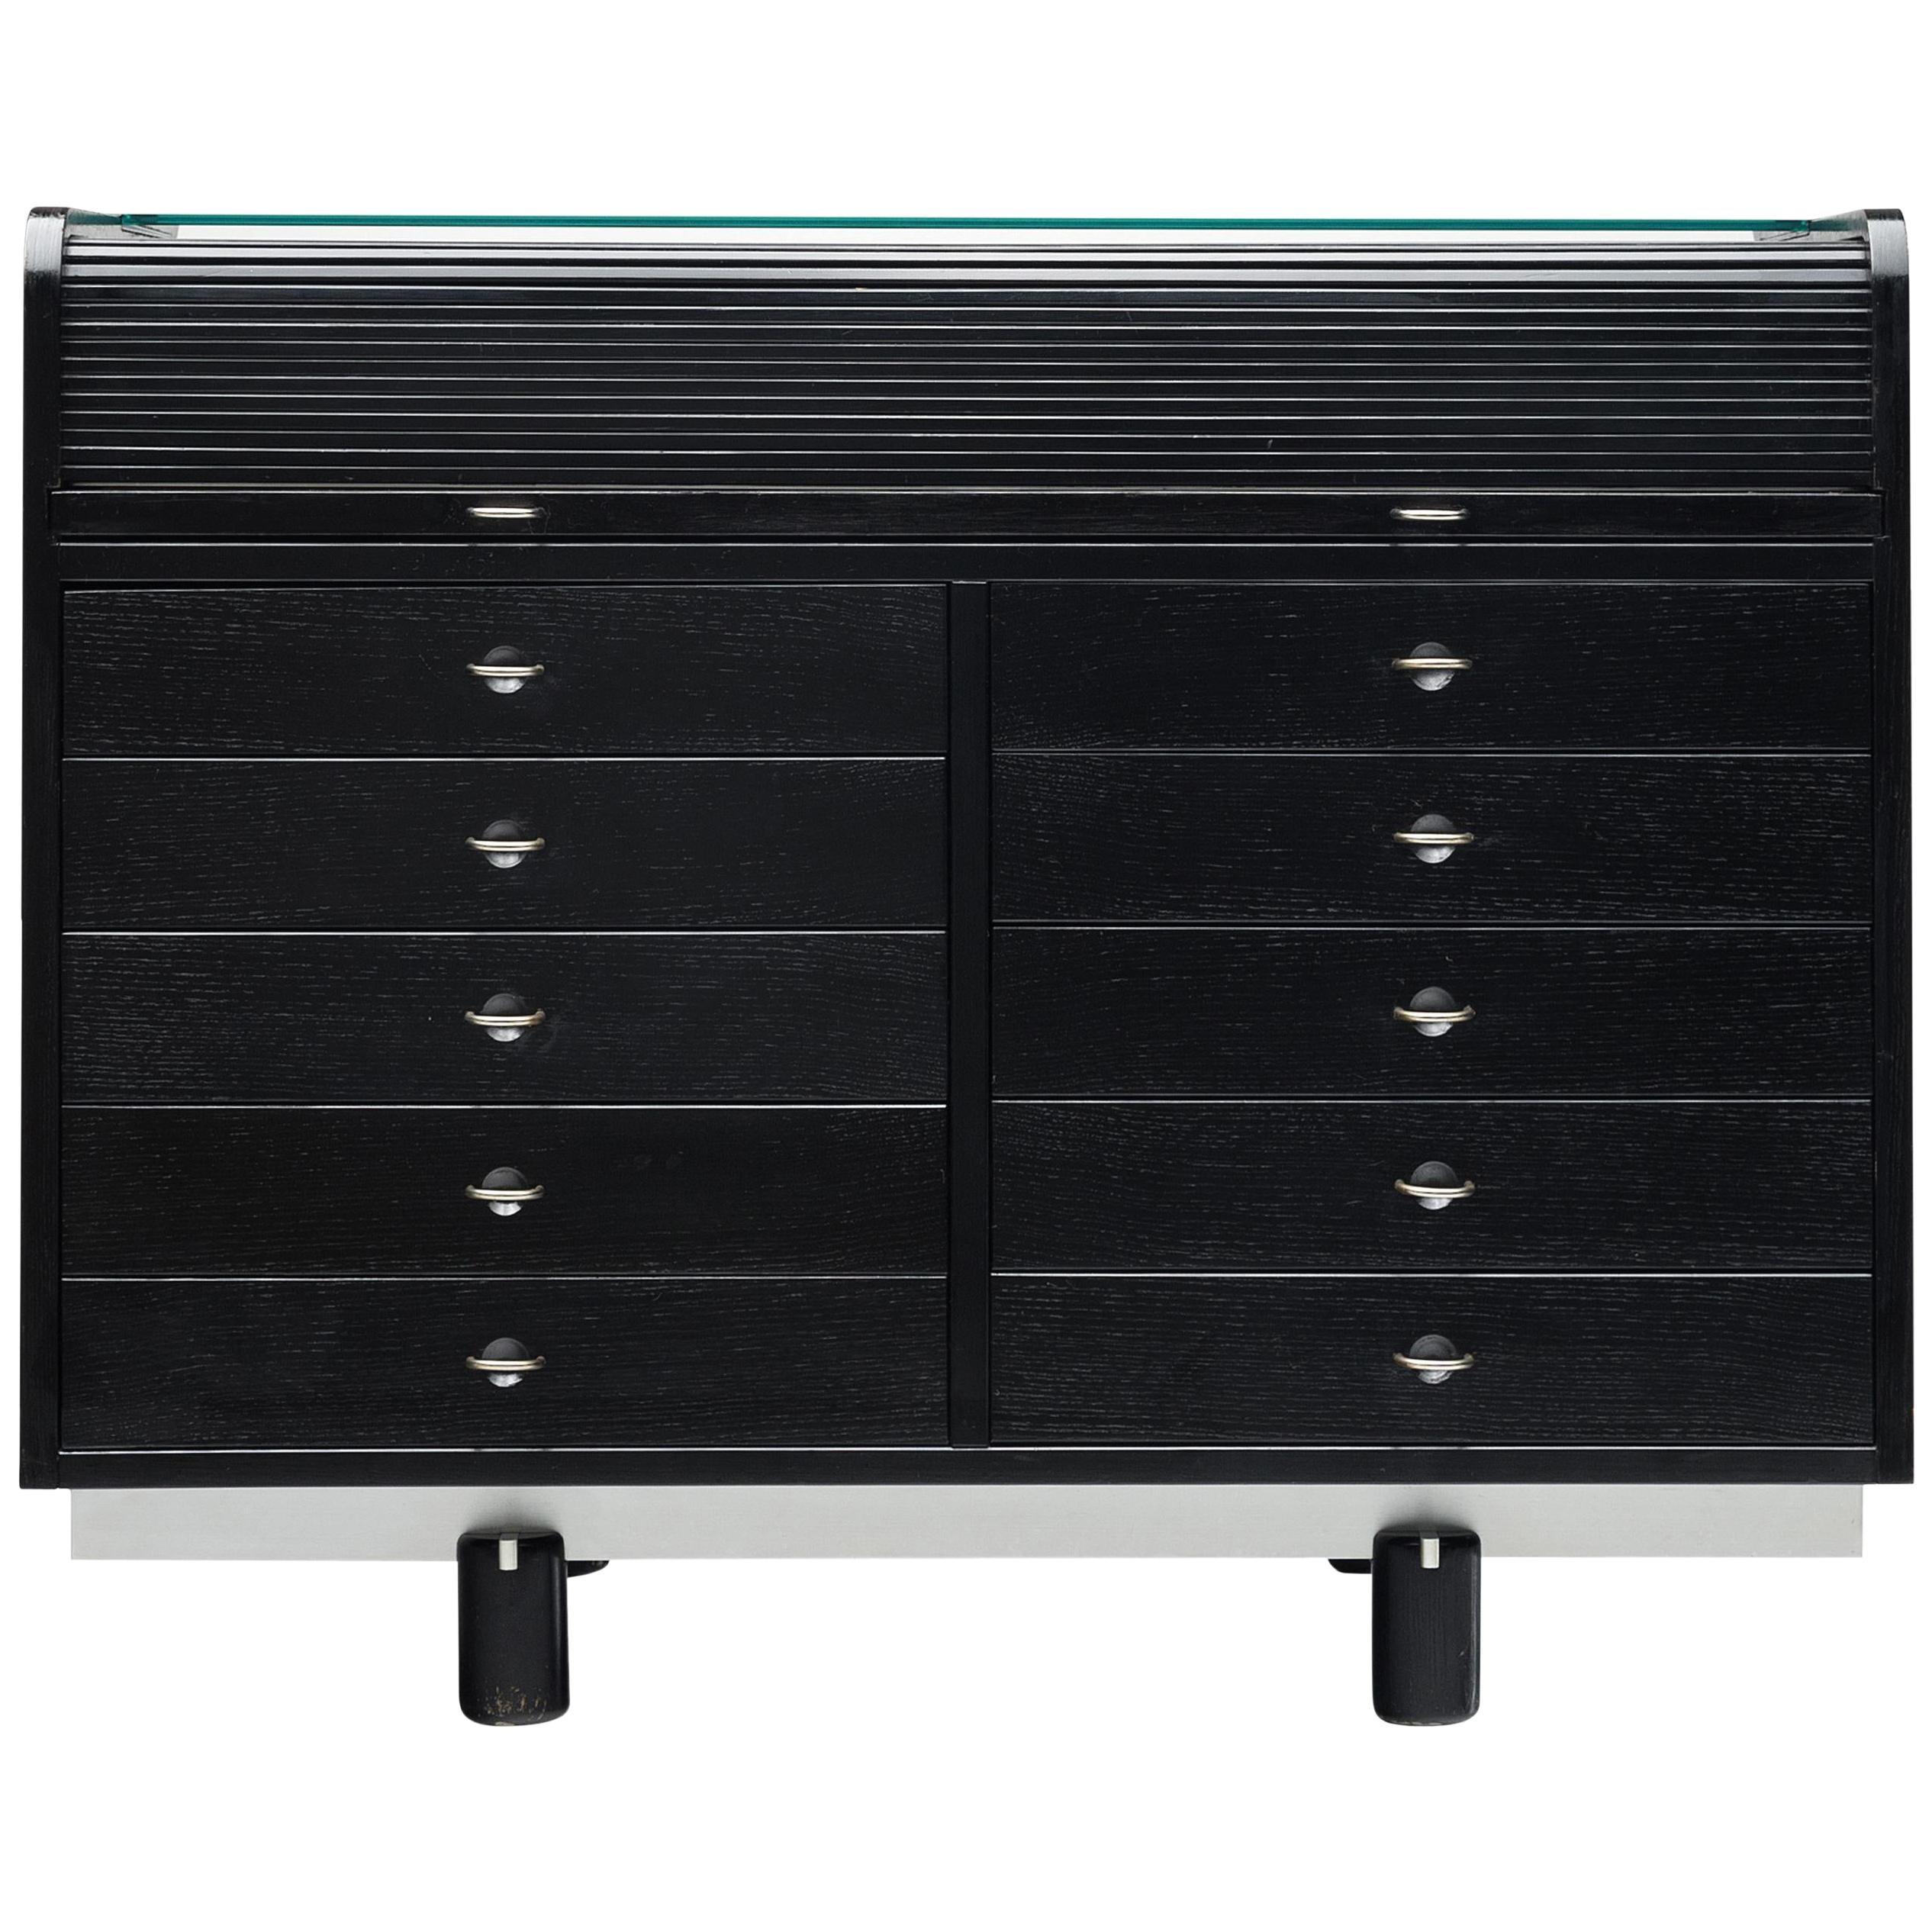 Gianfranco Frattini for Bernini Cabinet with Desk Model 804 in Black